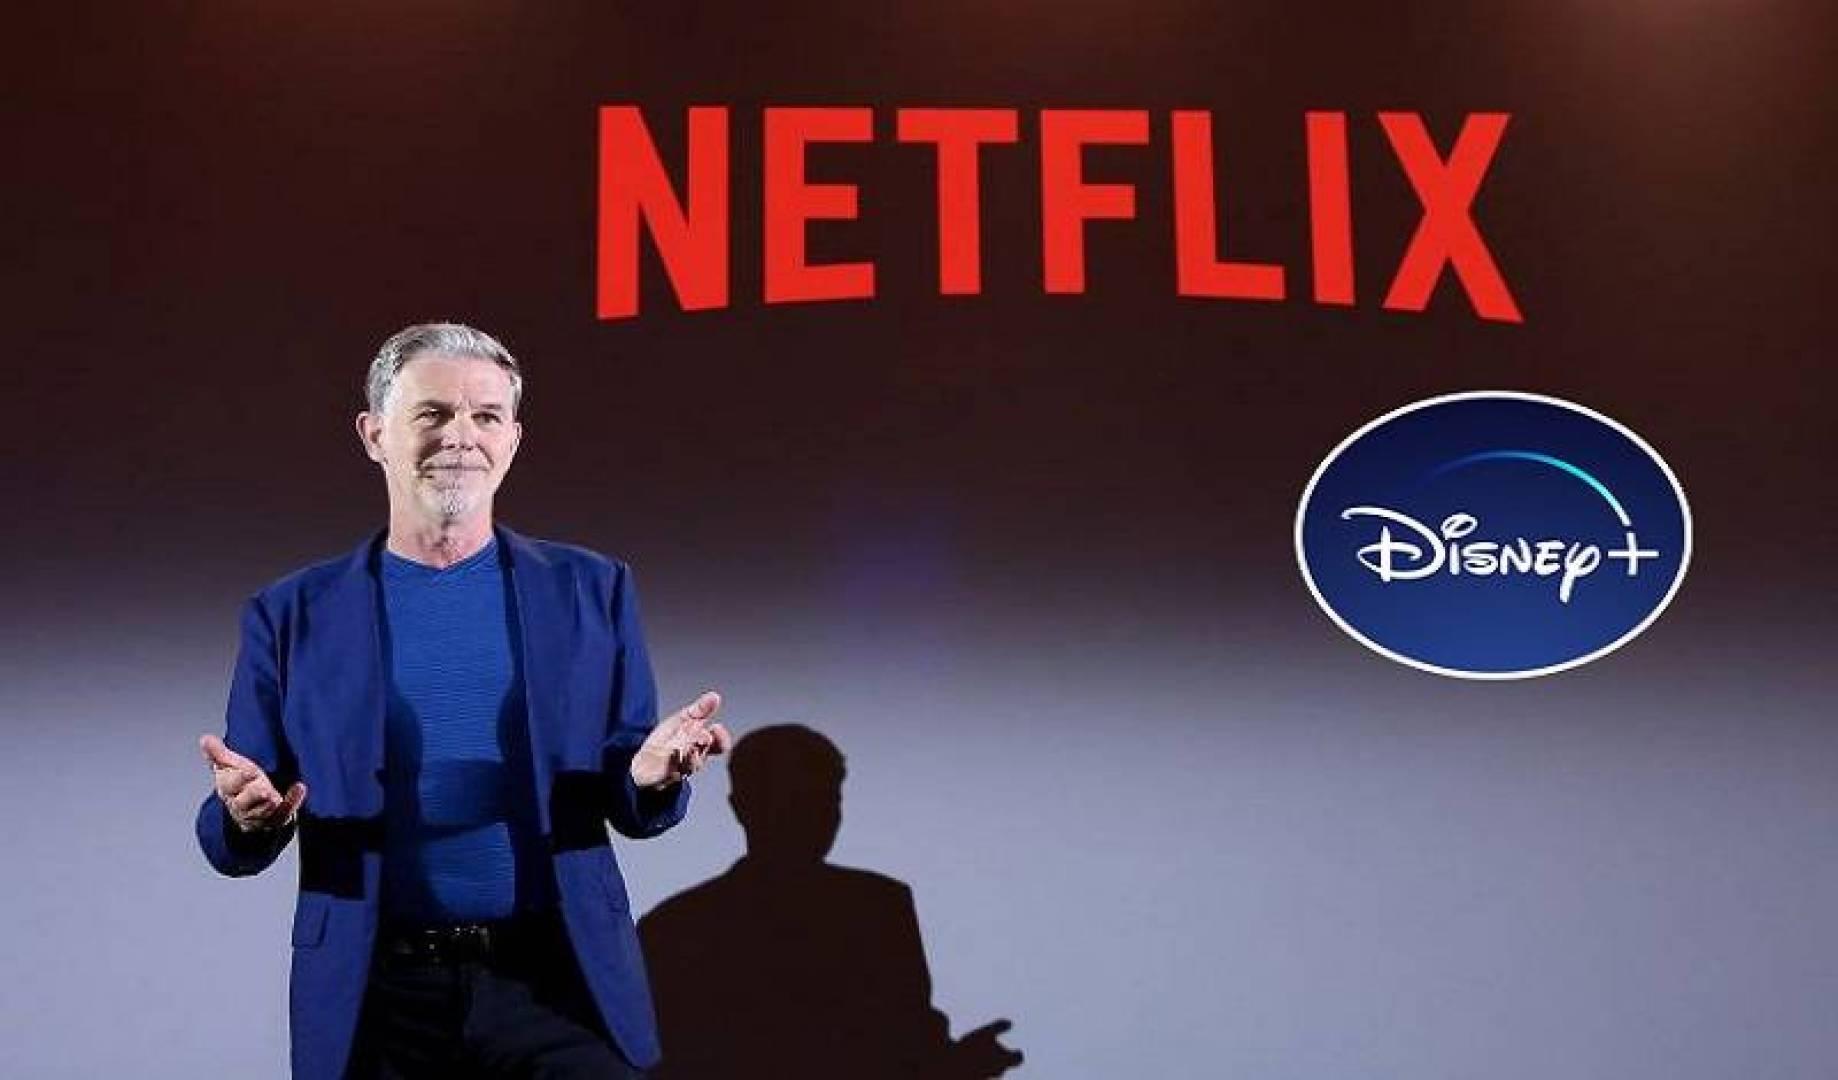 رئيس  «Netflix»: سأشترك في «+Disney» عند إطلاقها الأسبوع المقبل